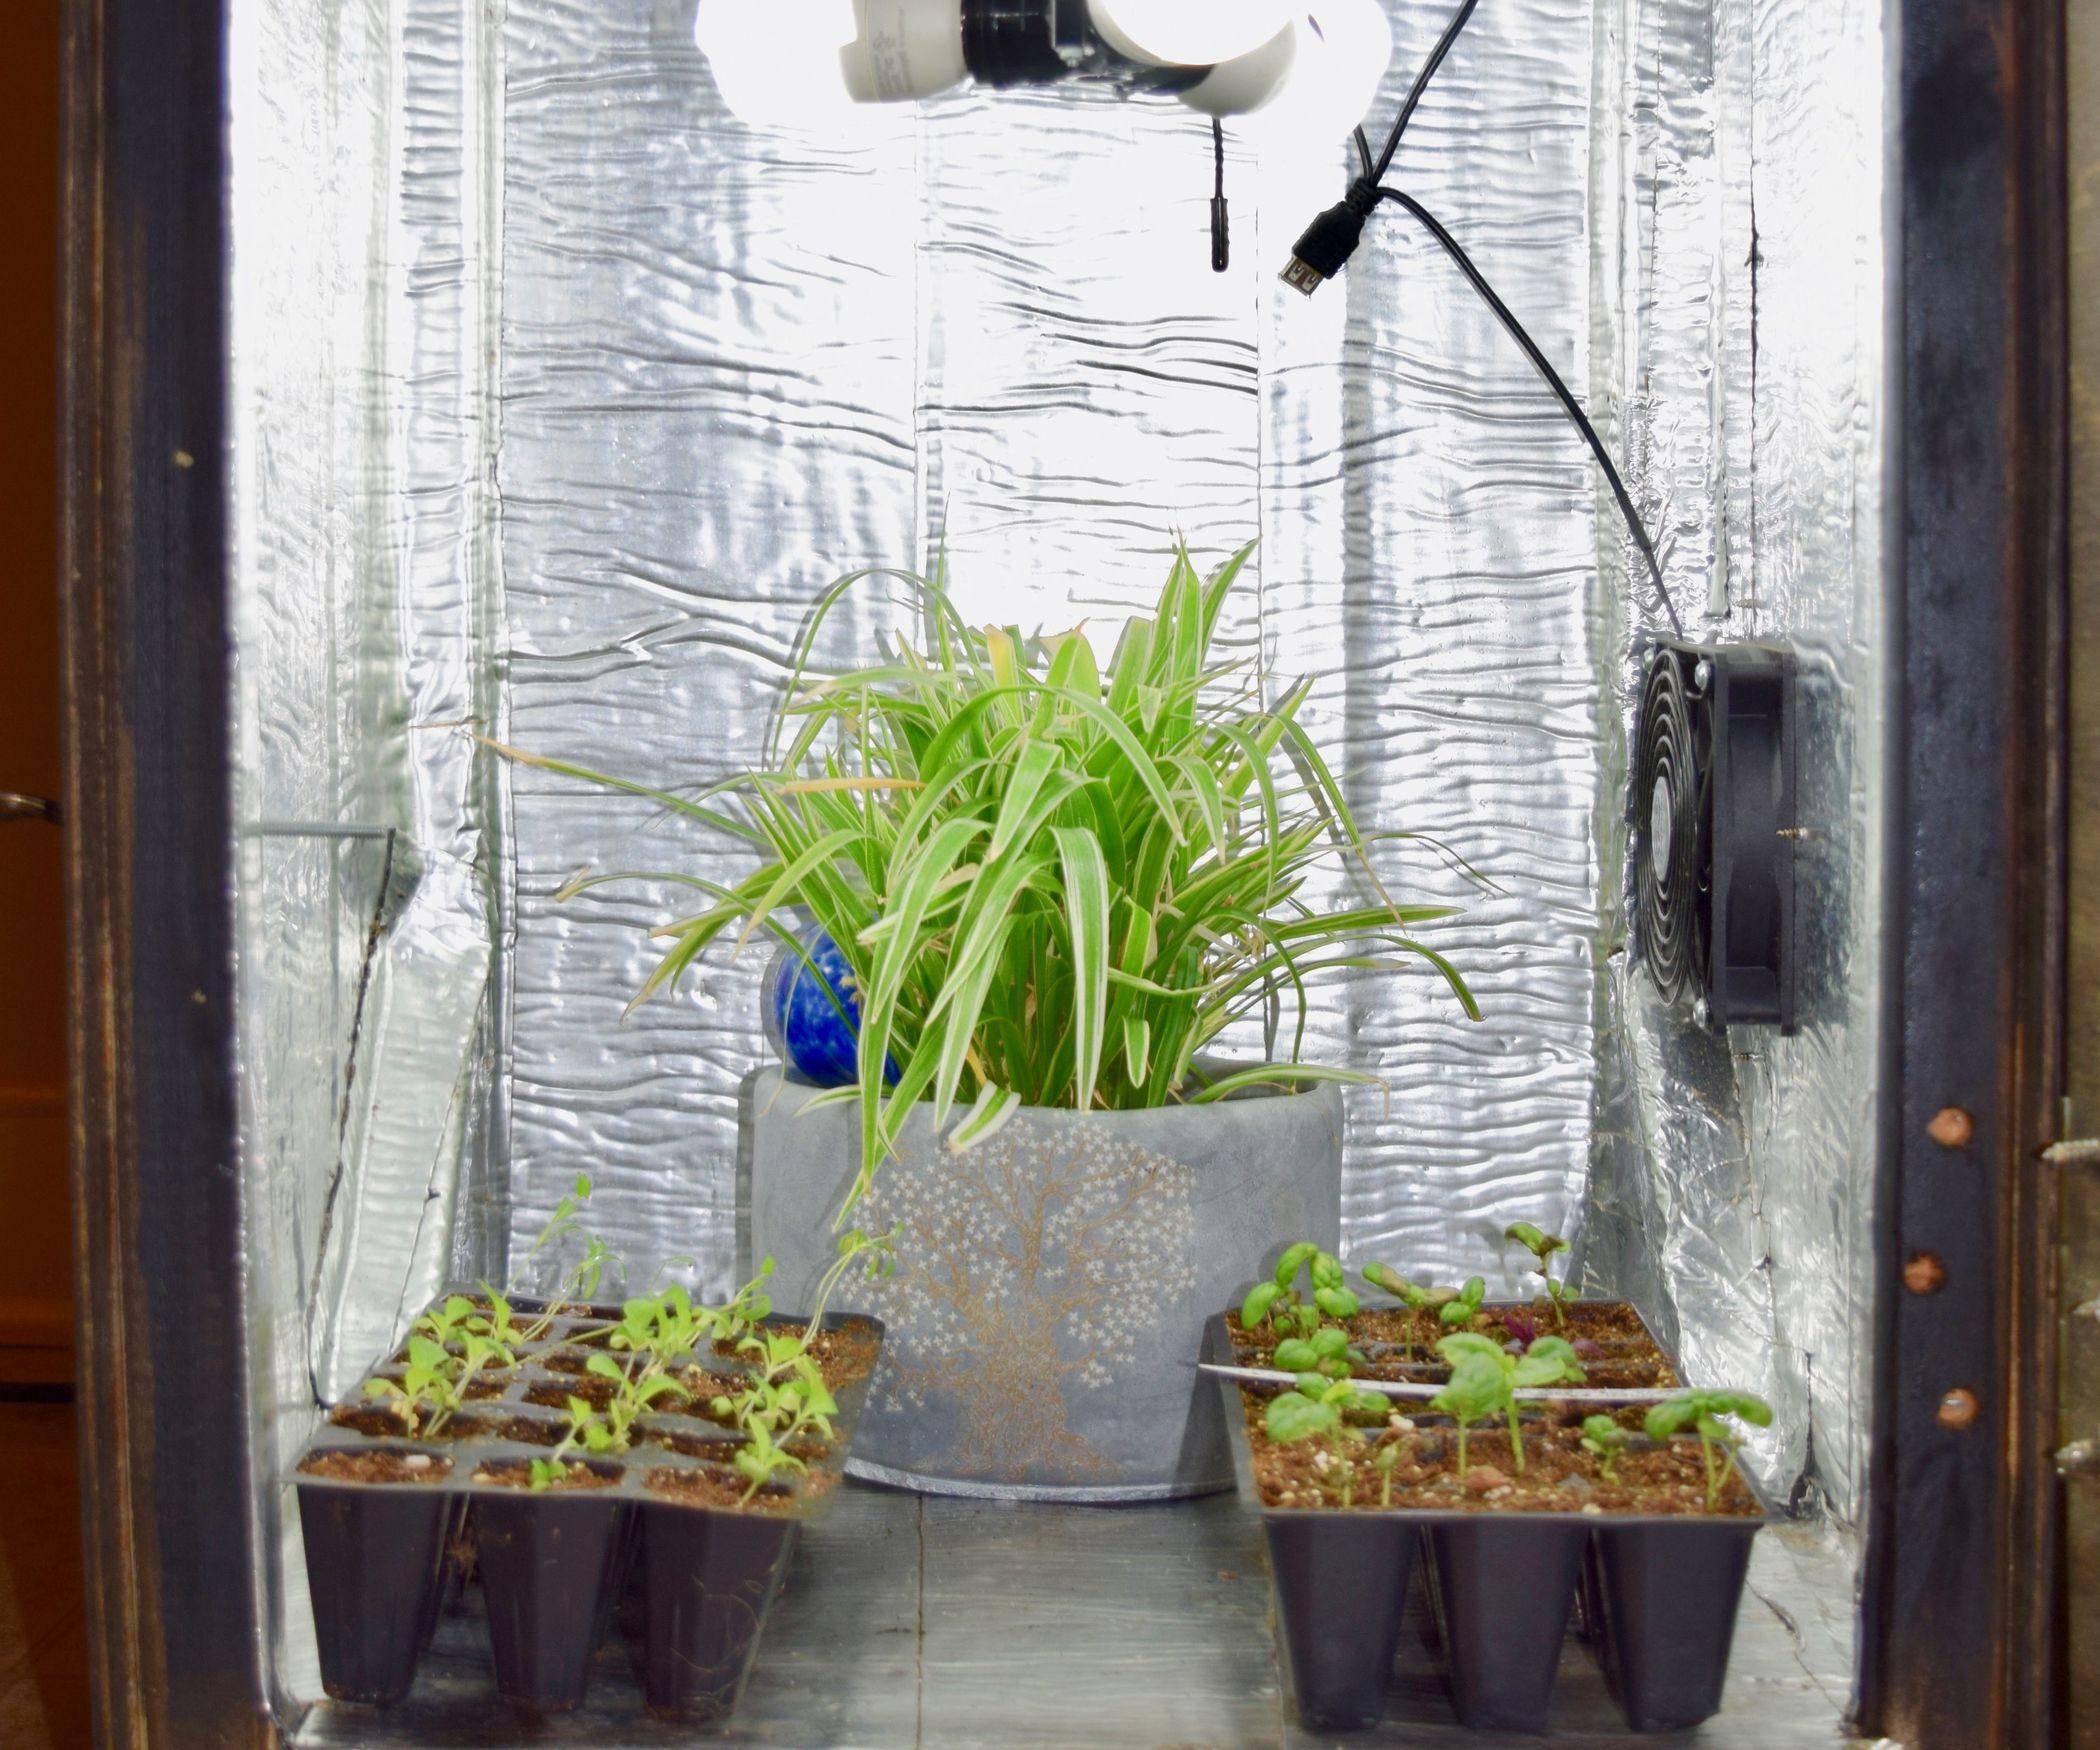 Diy Growbox  DIY Grow Box